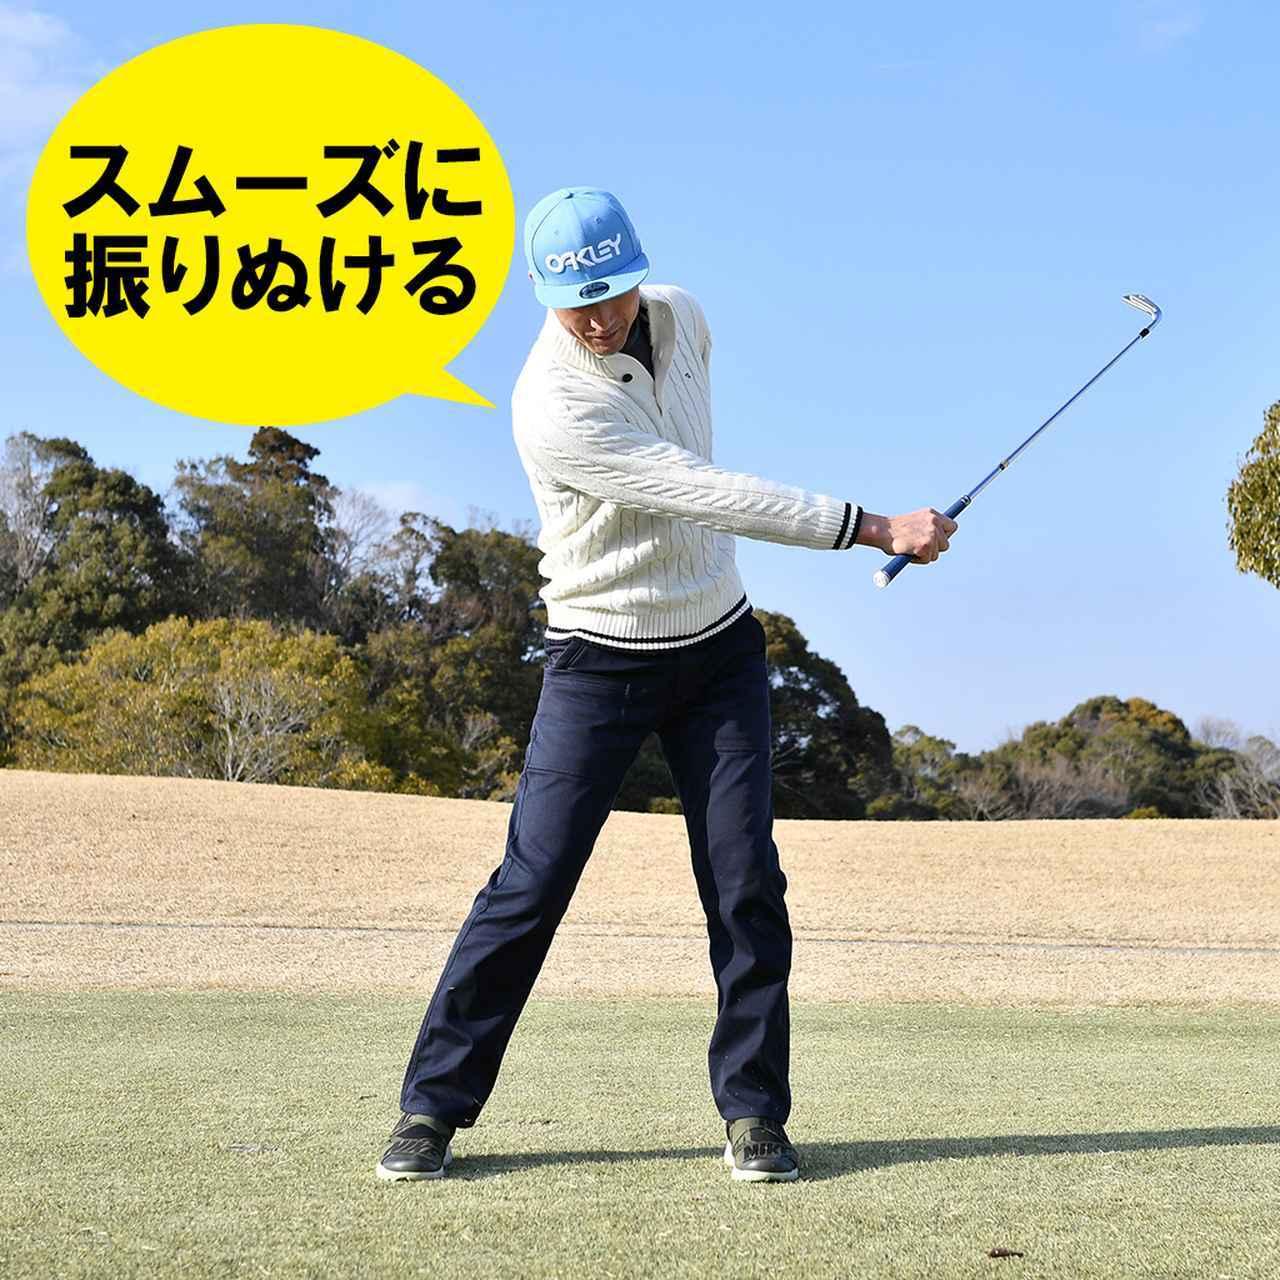 画像3: 【方向性】球筋は「右手のひら」で操るのがカンタン。ドローもフェードも自在に打てる。プロ野球投手からティーチングプロに転身した津野浩プロが初レッスン